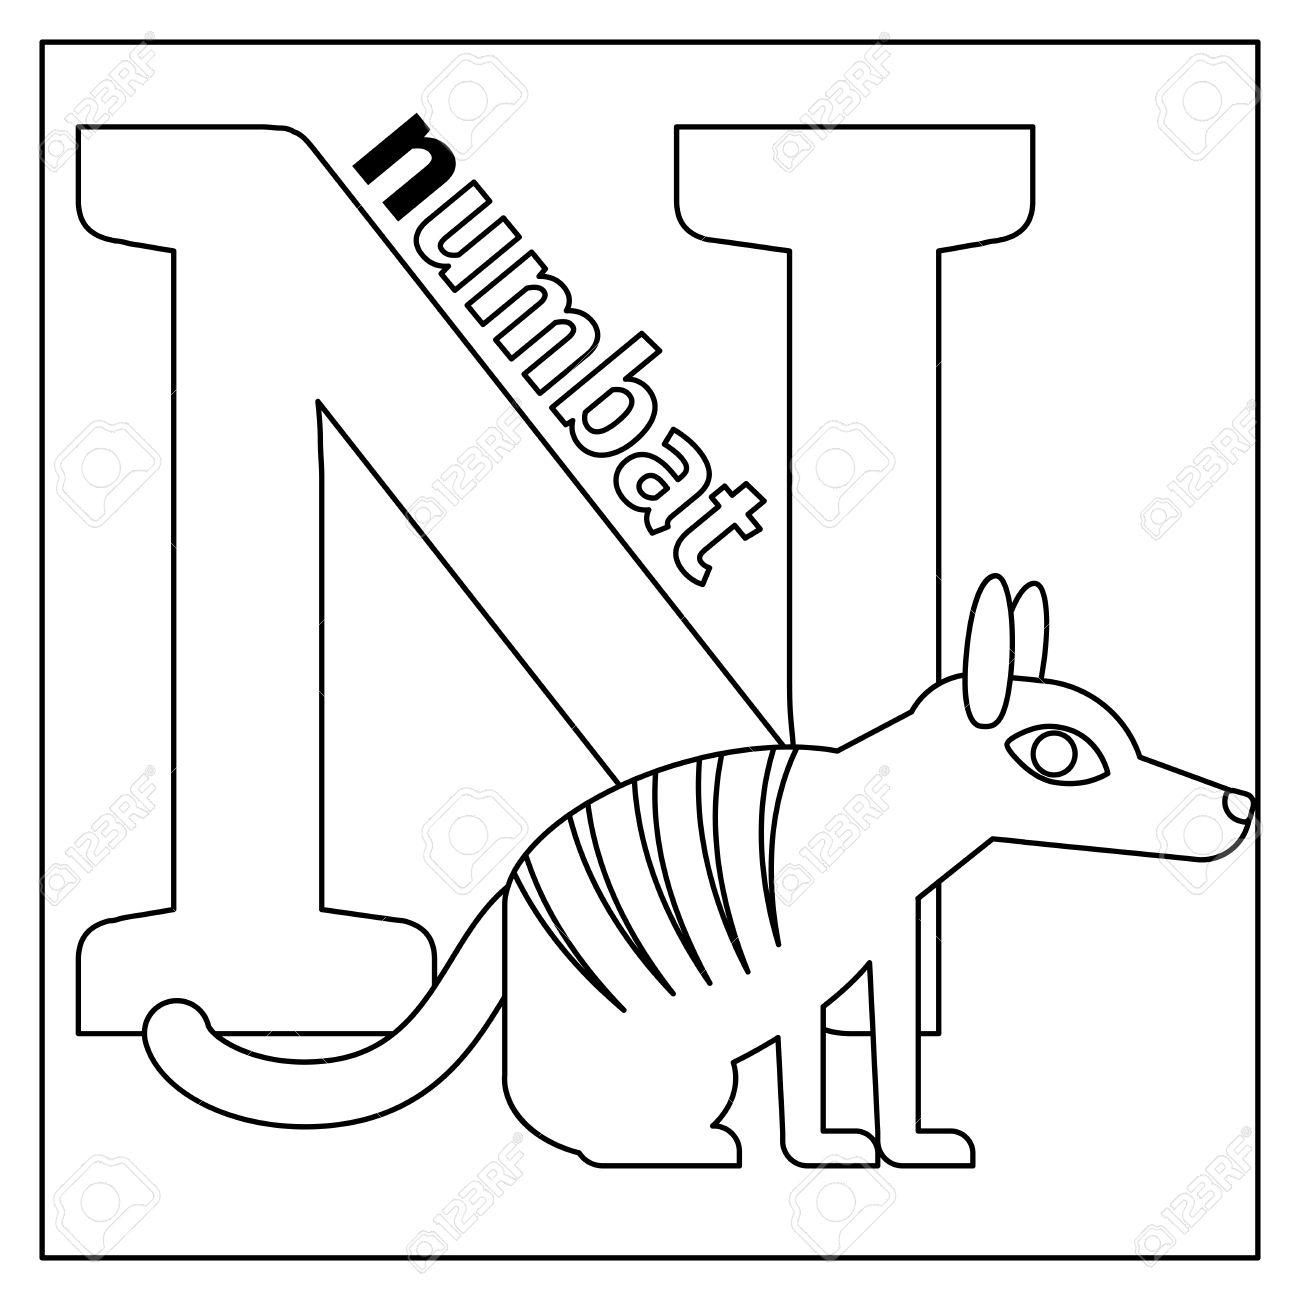 Dibujo Para Colorear O Tarjeta Para Niños Con Alfabeto Inglés Zoológico De Animales Numbat Letra N Ilustración Vectorial